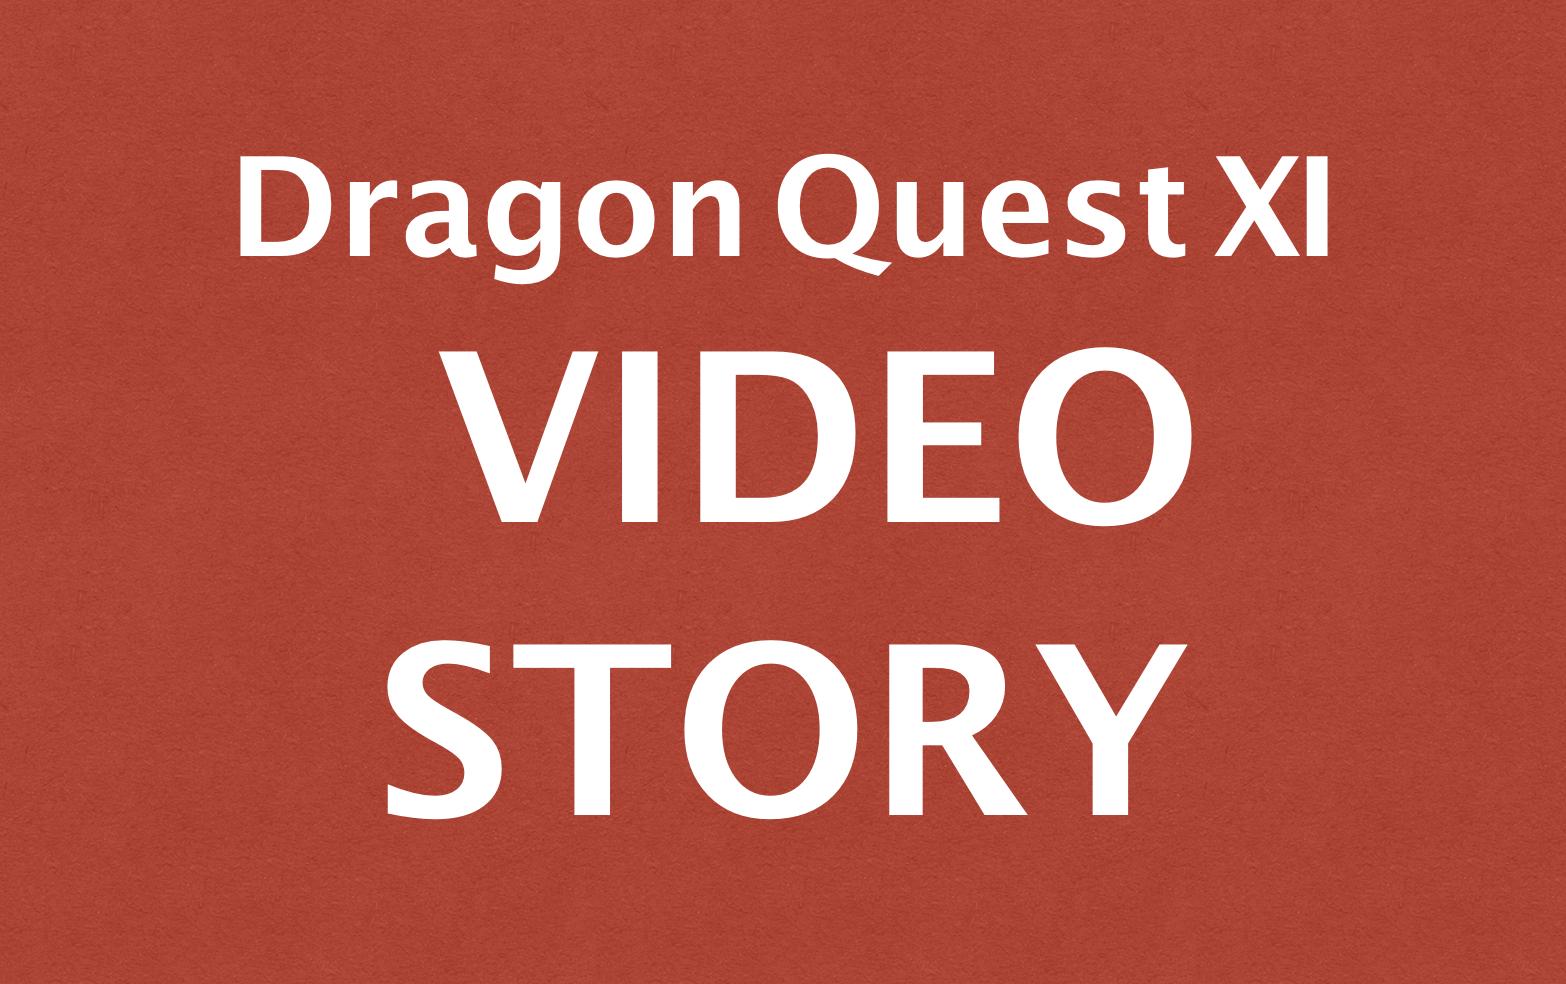 ドラクエ11のストーリーだけ知りたい方へ|イベント動画を集めました。